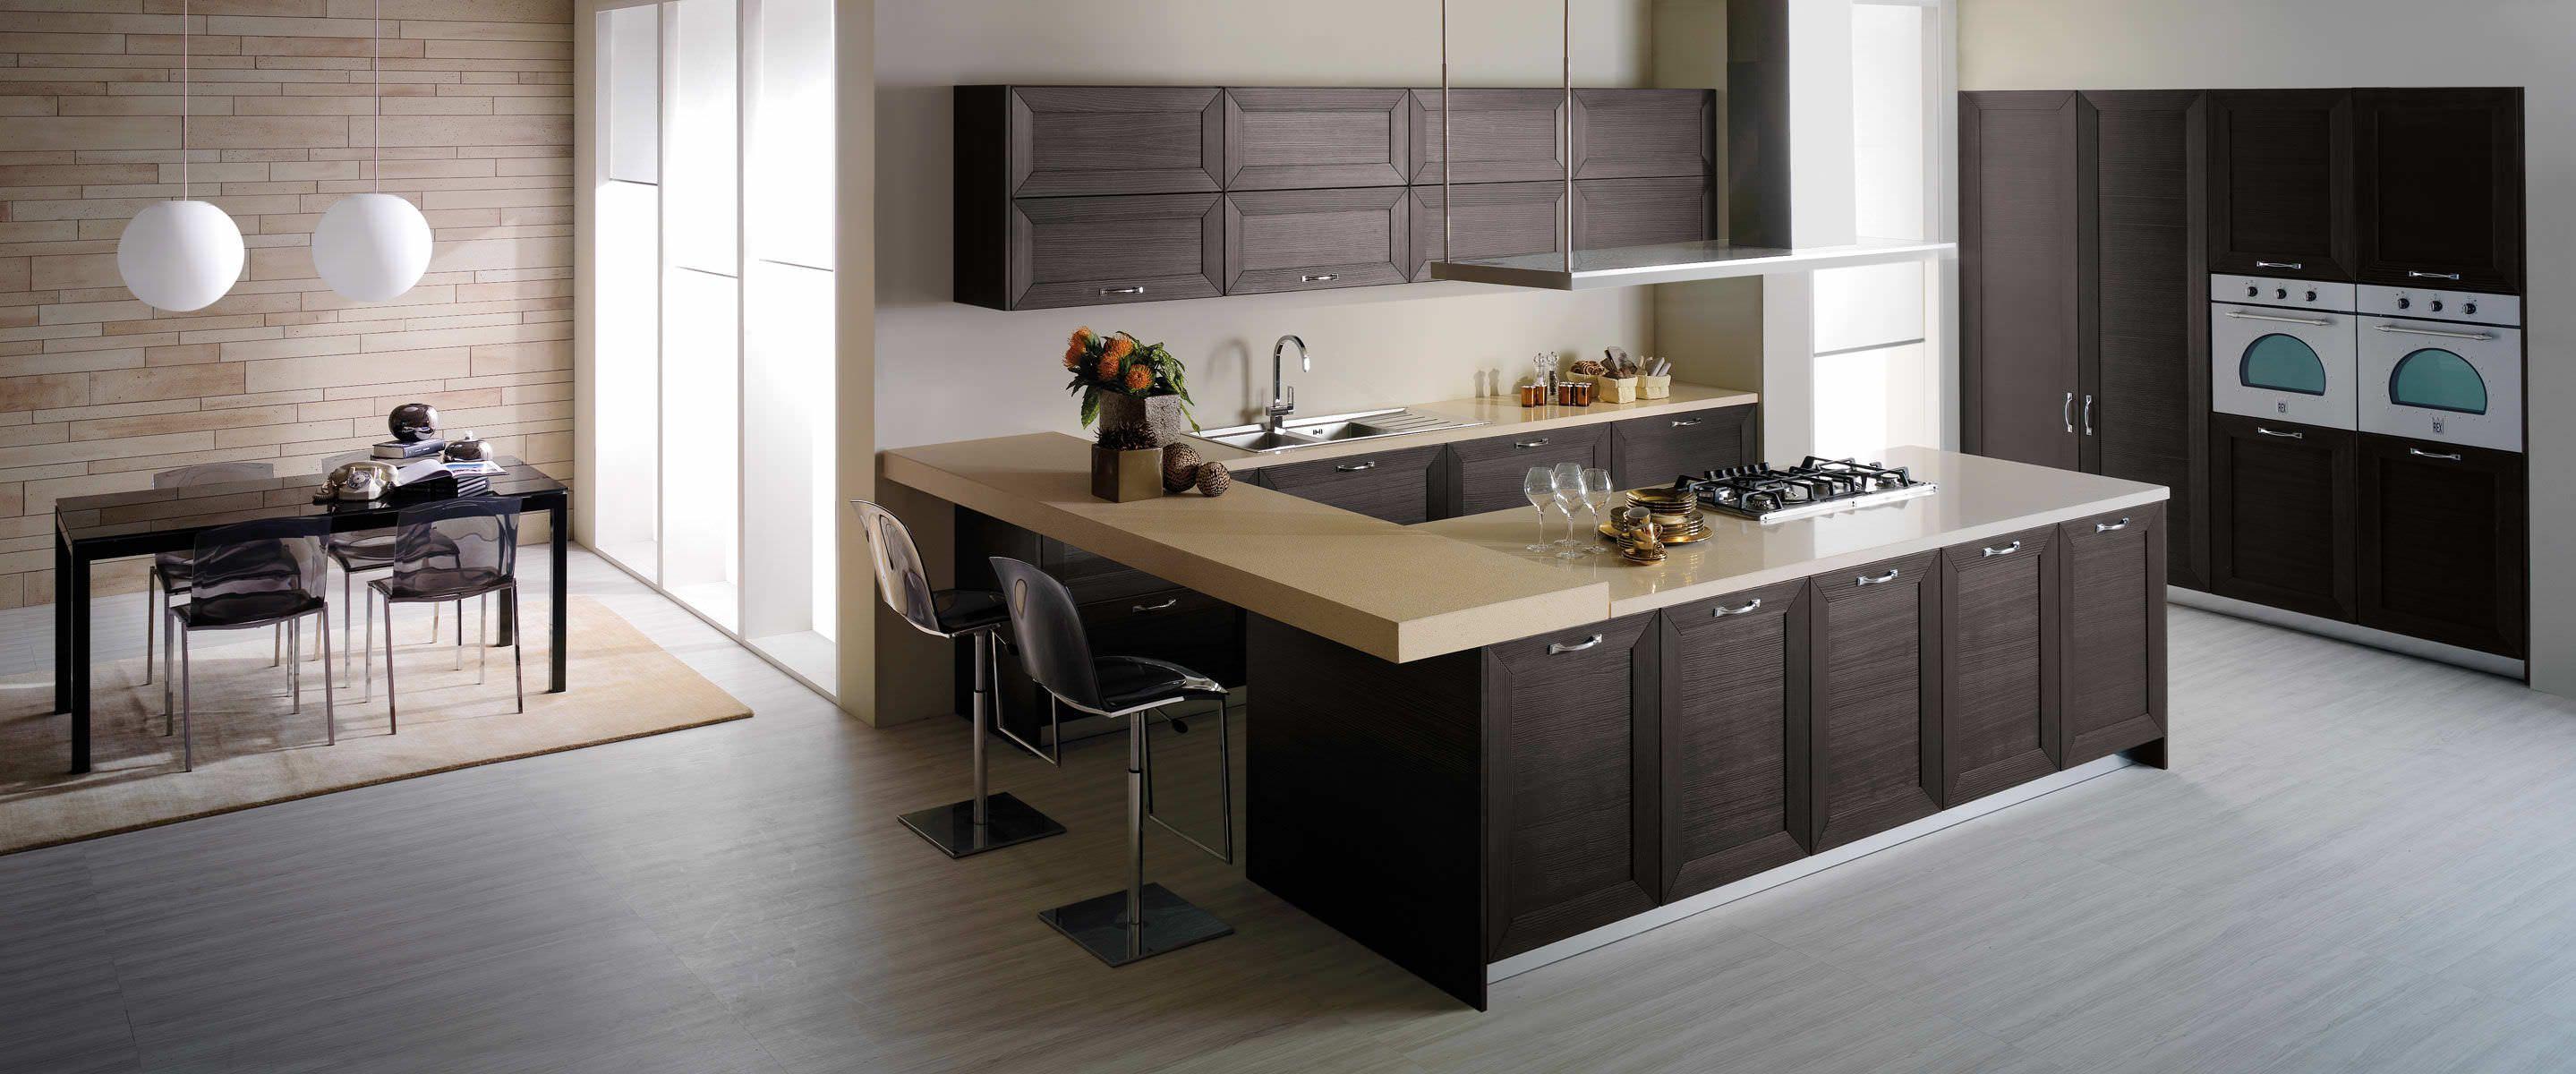 Cocina moderna con isla cocinas pinterest cocina for Cocinas cuadradas modernas